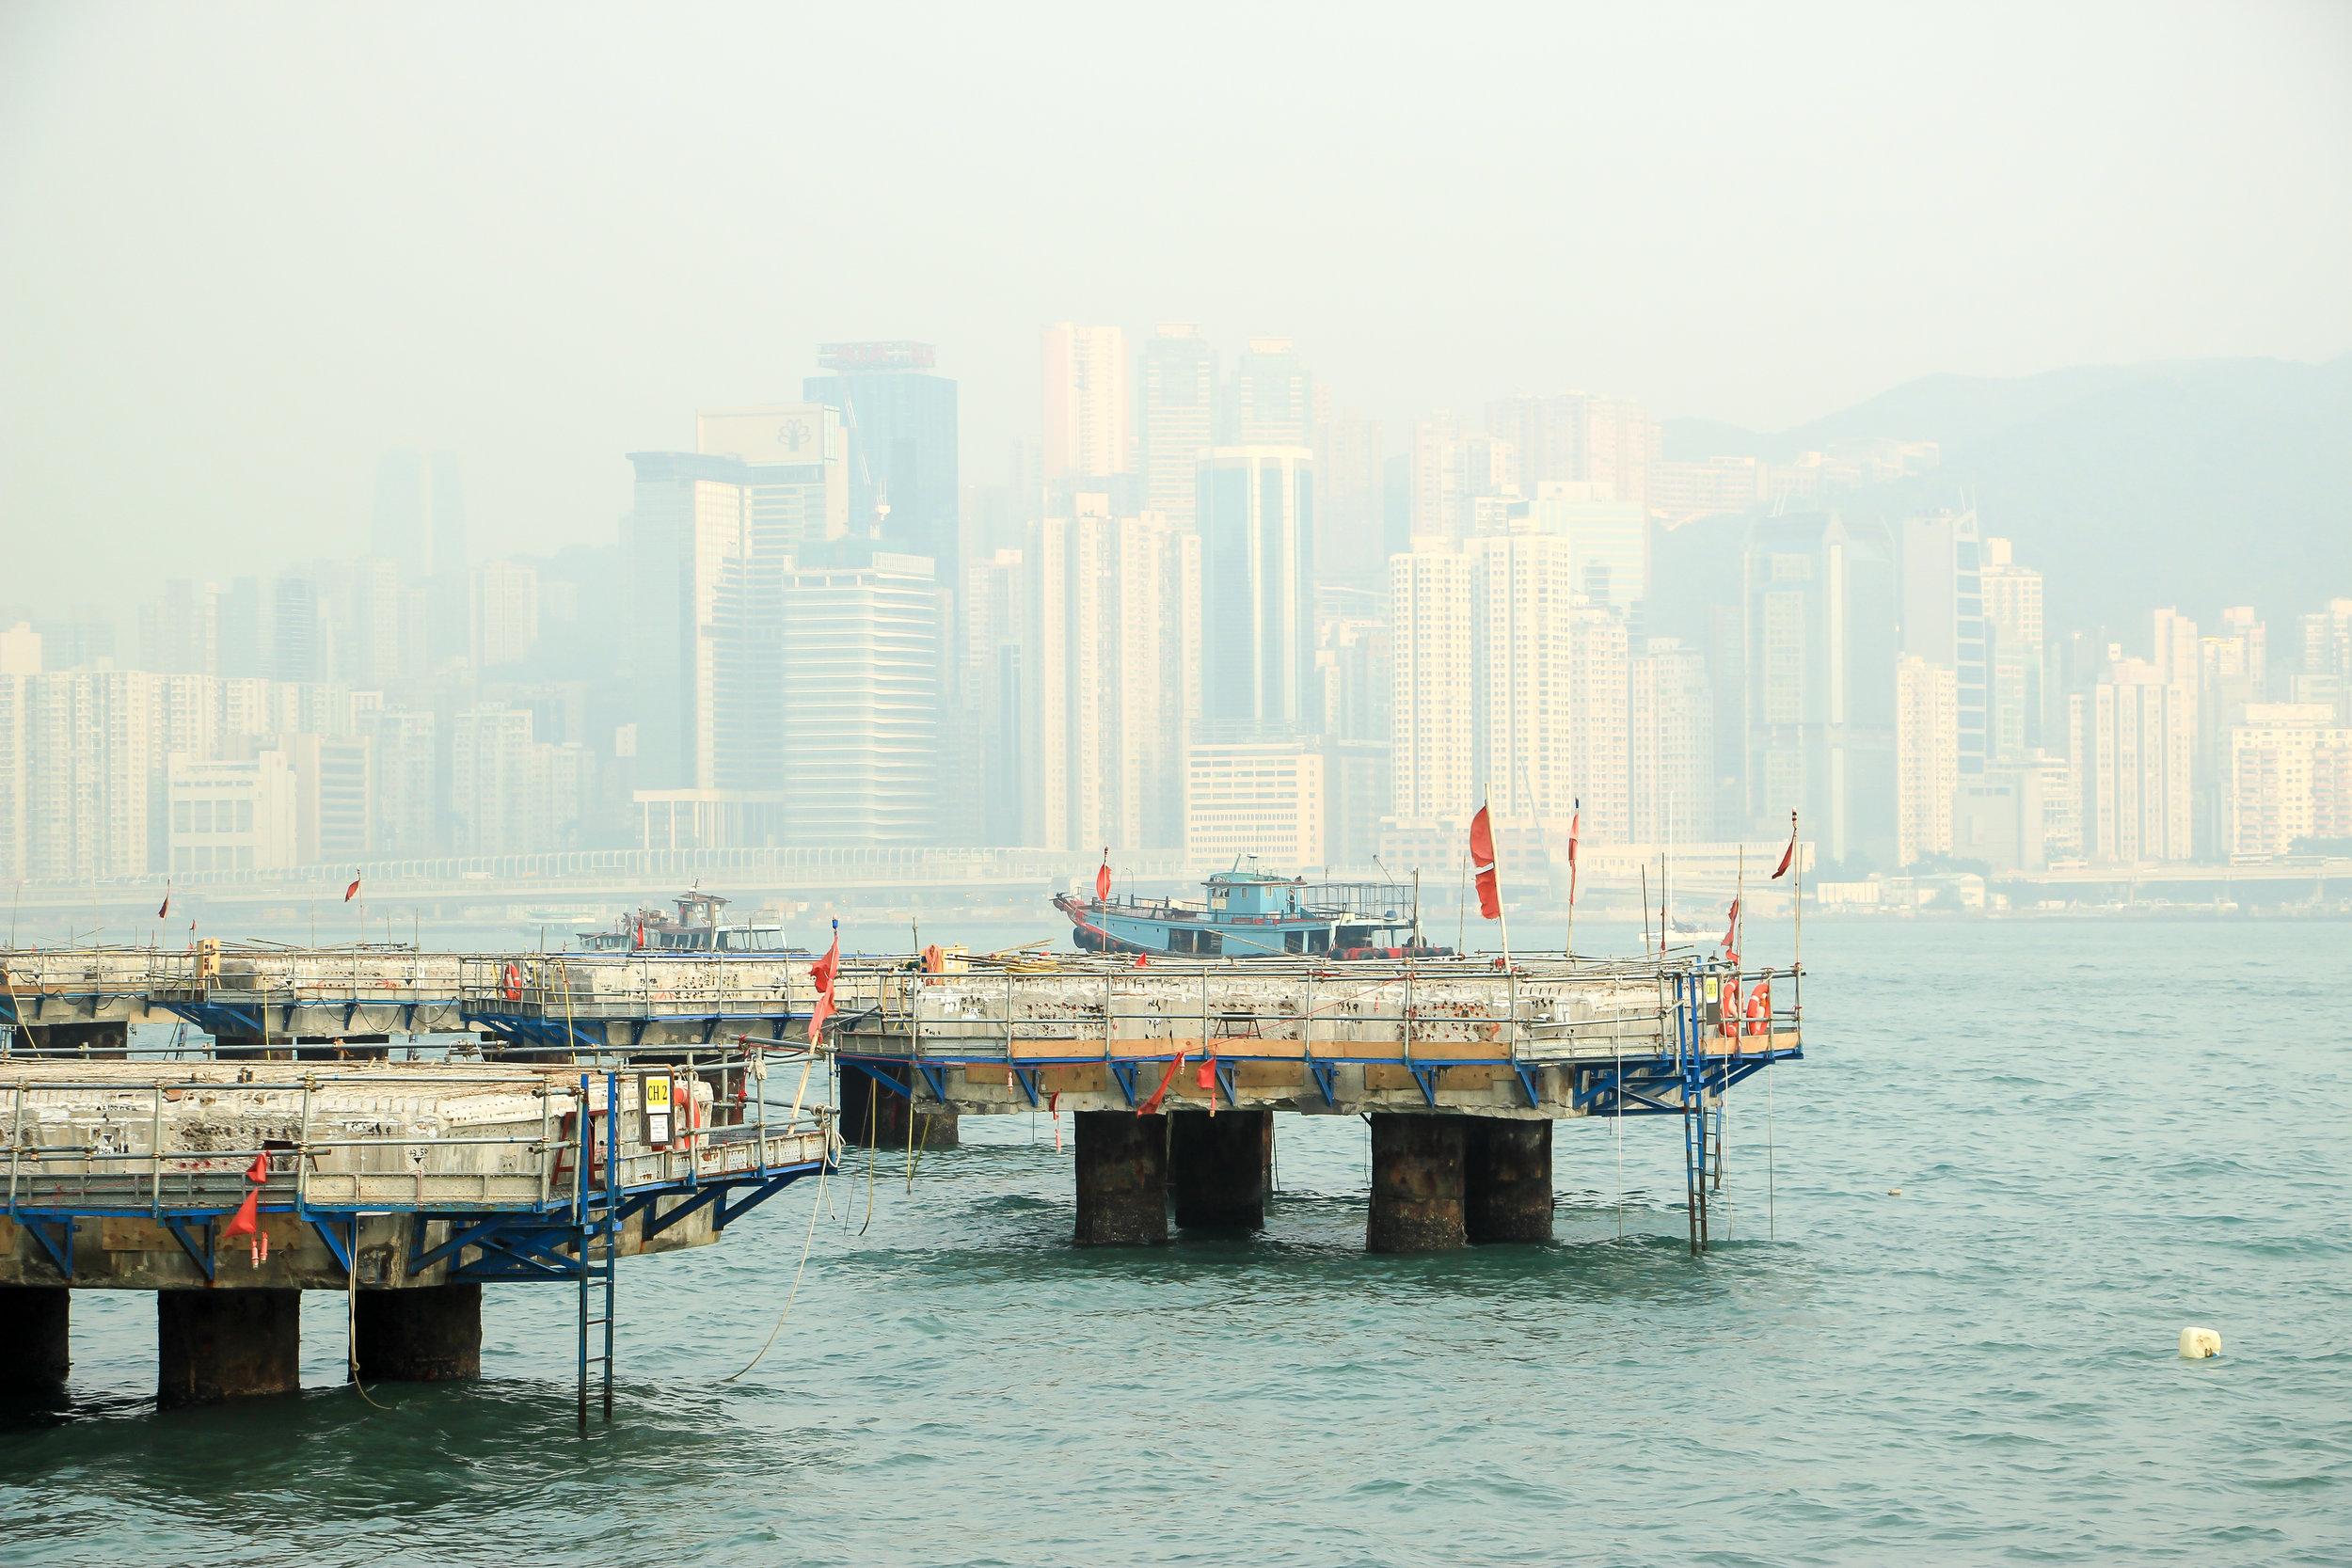 HONG KONG, KOWLOON, hong kong island, south china sea, ASIA | DOLESSGETMOREDONE.COM |